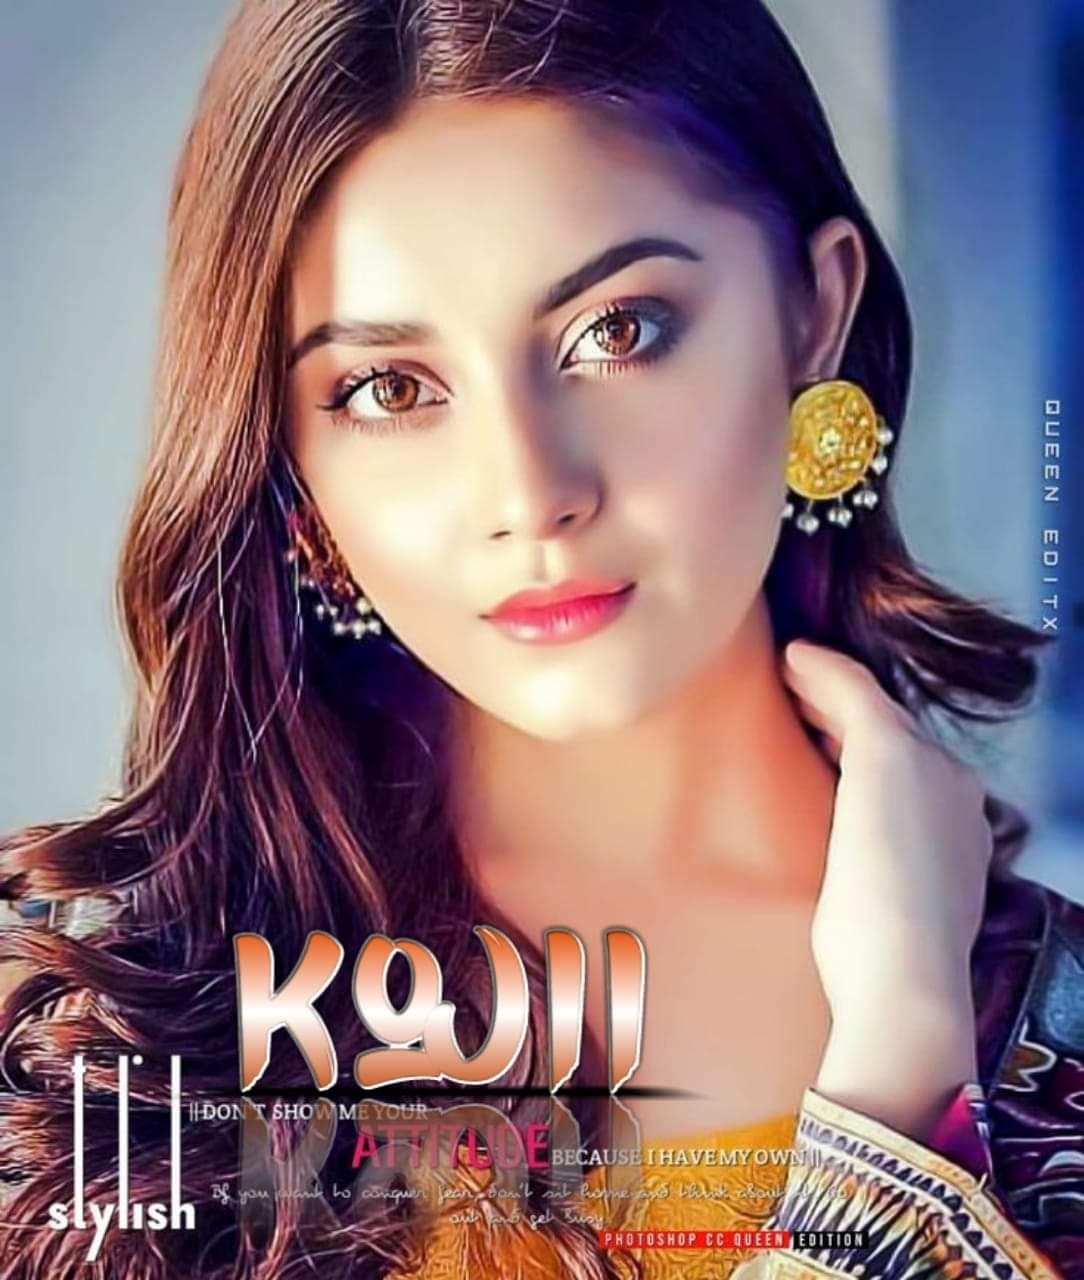 Beautiful Girl Koji Name Dp